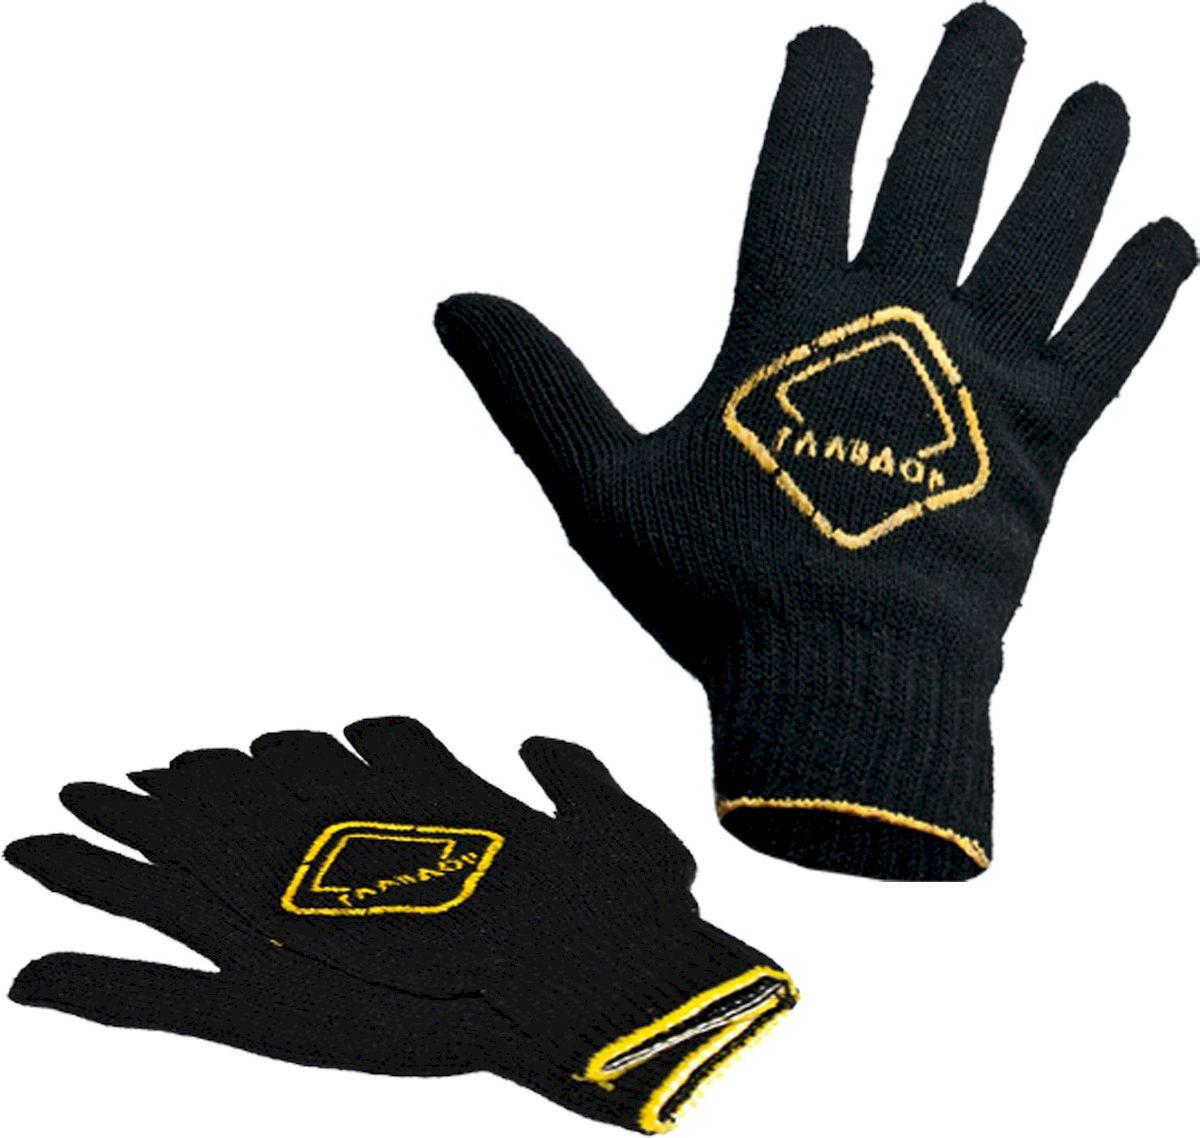 """Перчатки защитные """"Главдор"""", цвет: черный. GL-47"""